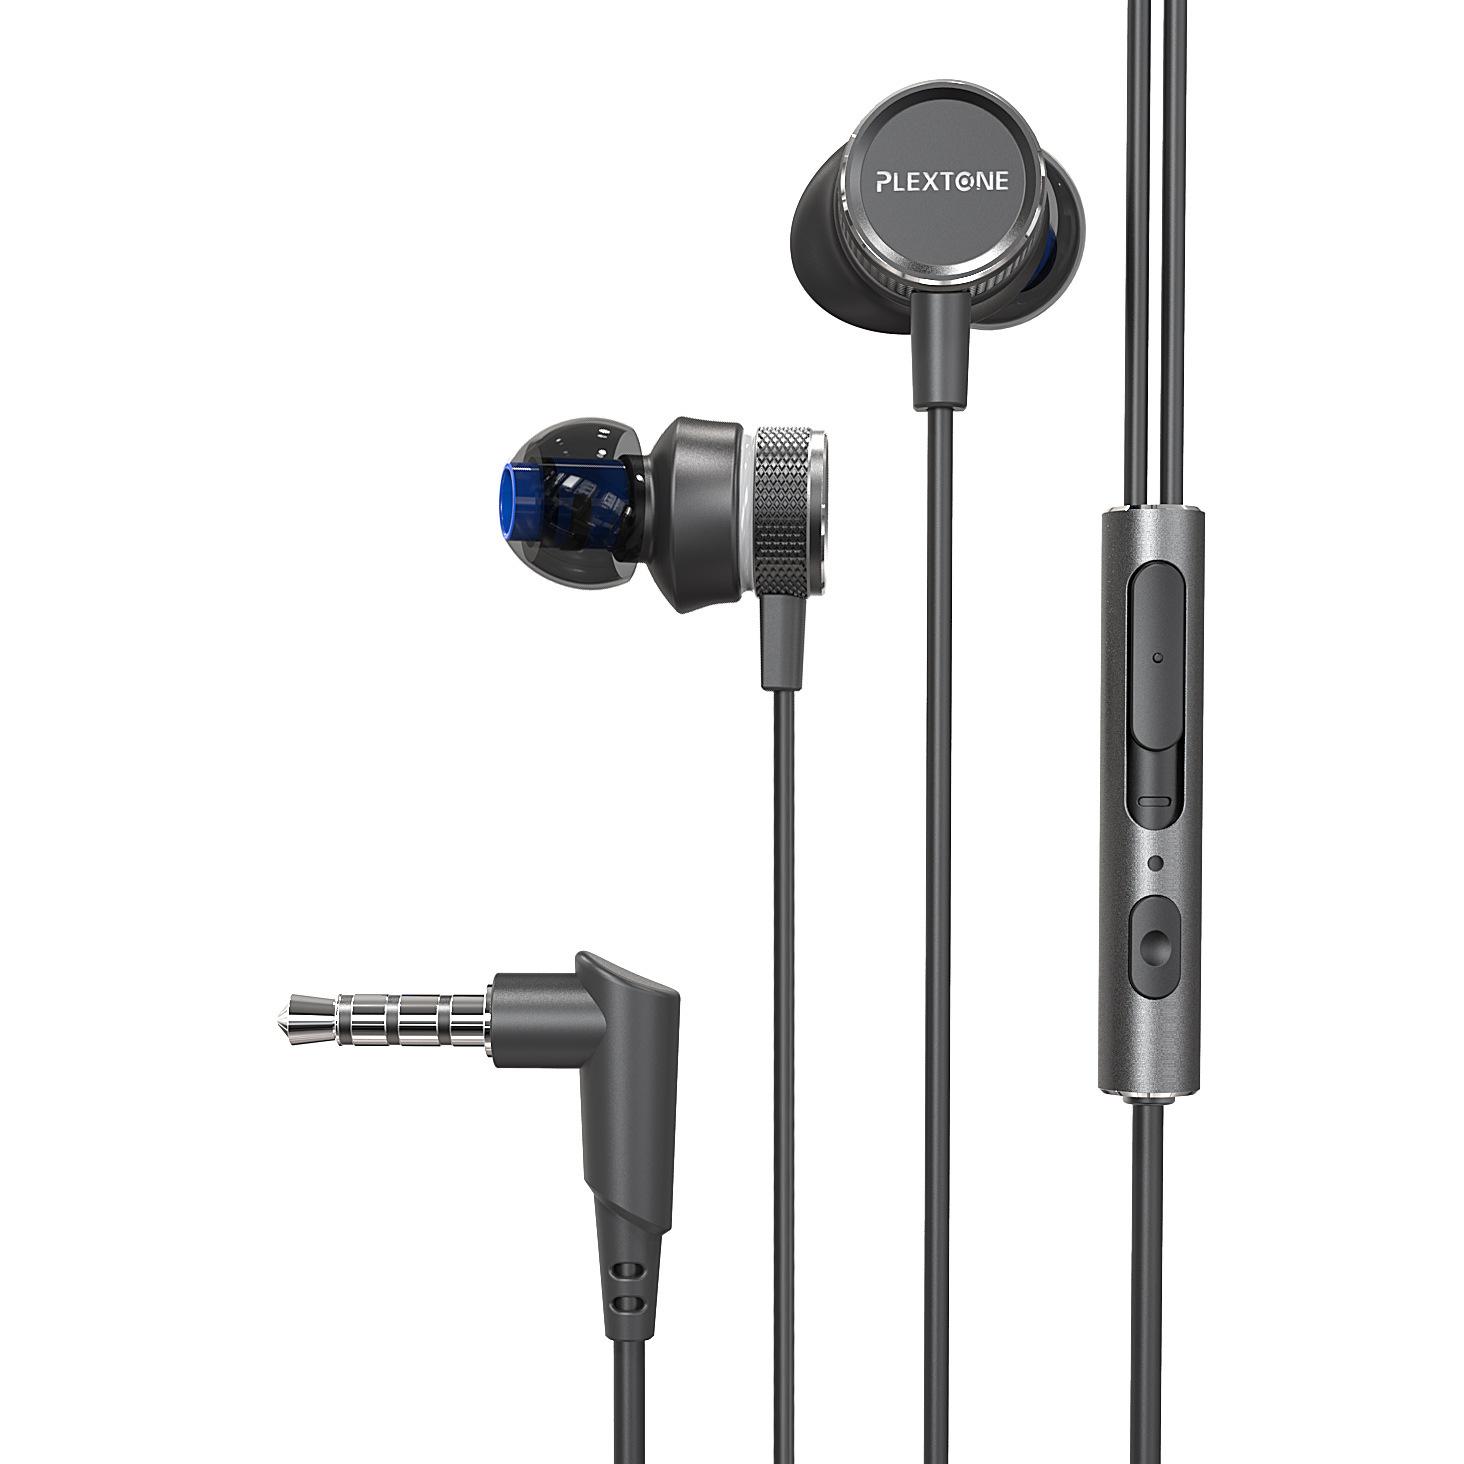 PLEXTONE Tai nghe có dây Pu Ji G15 tai nghe esports dây điều khiển bằng kim loại mới ăn tai nghe trò